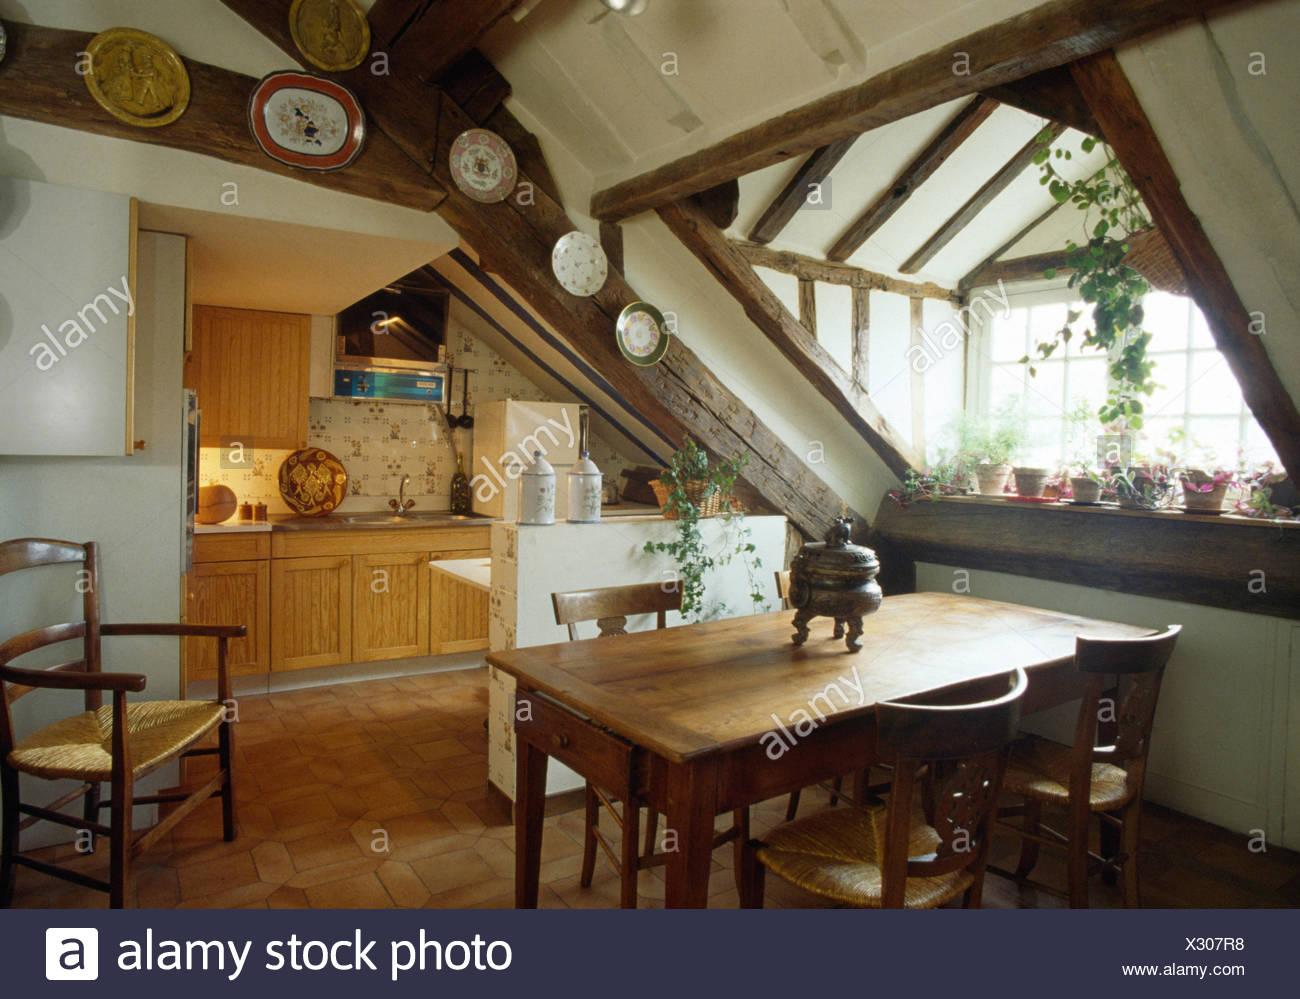 Mesa y sillas de pino simple en buhardilla cocina comedor Imagen De Stock